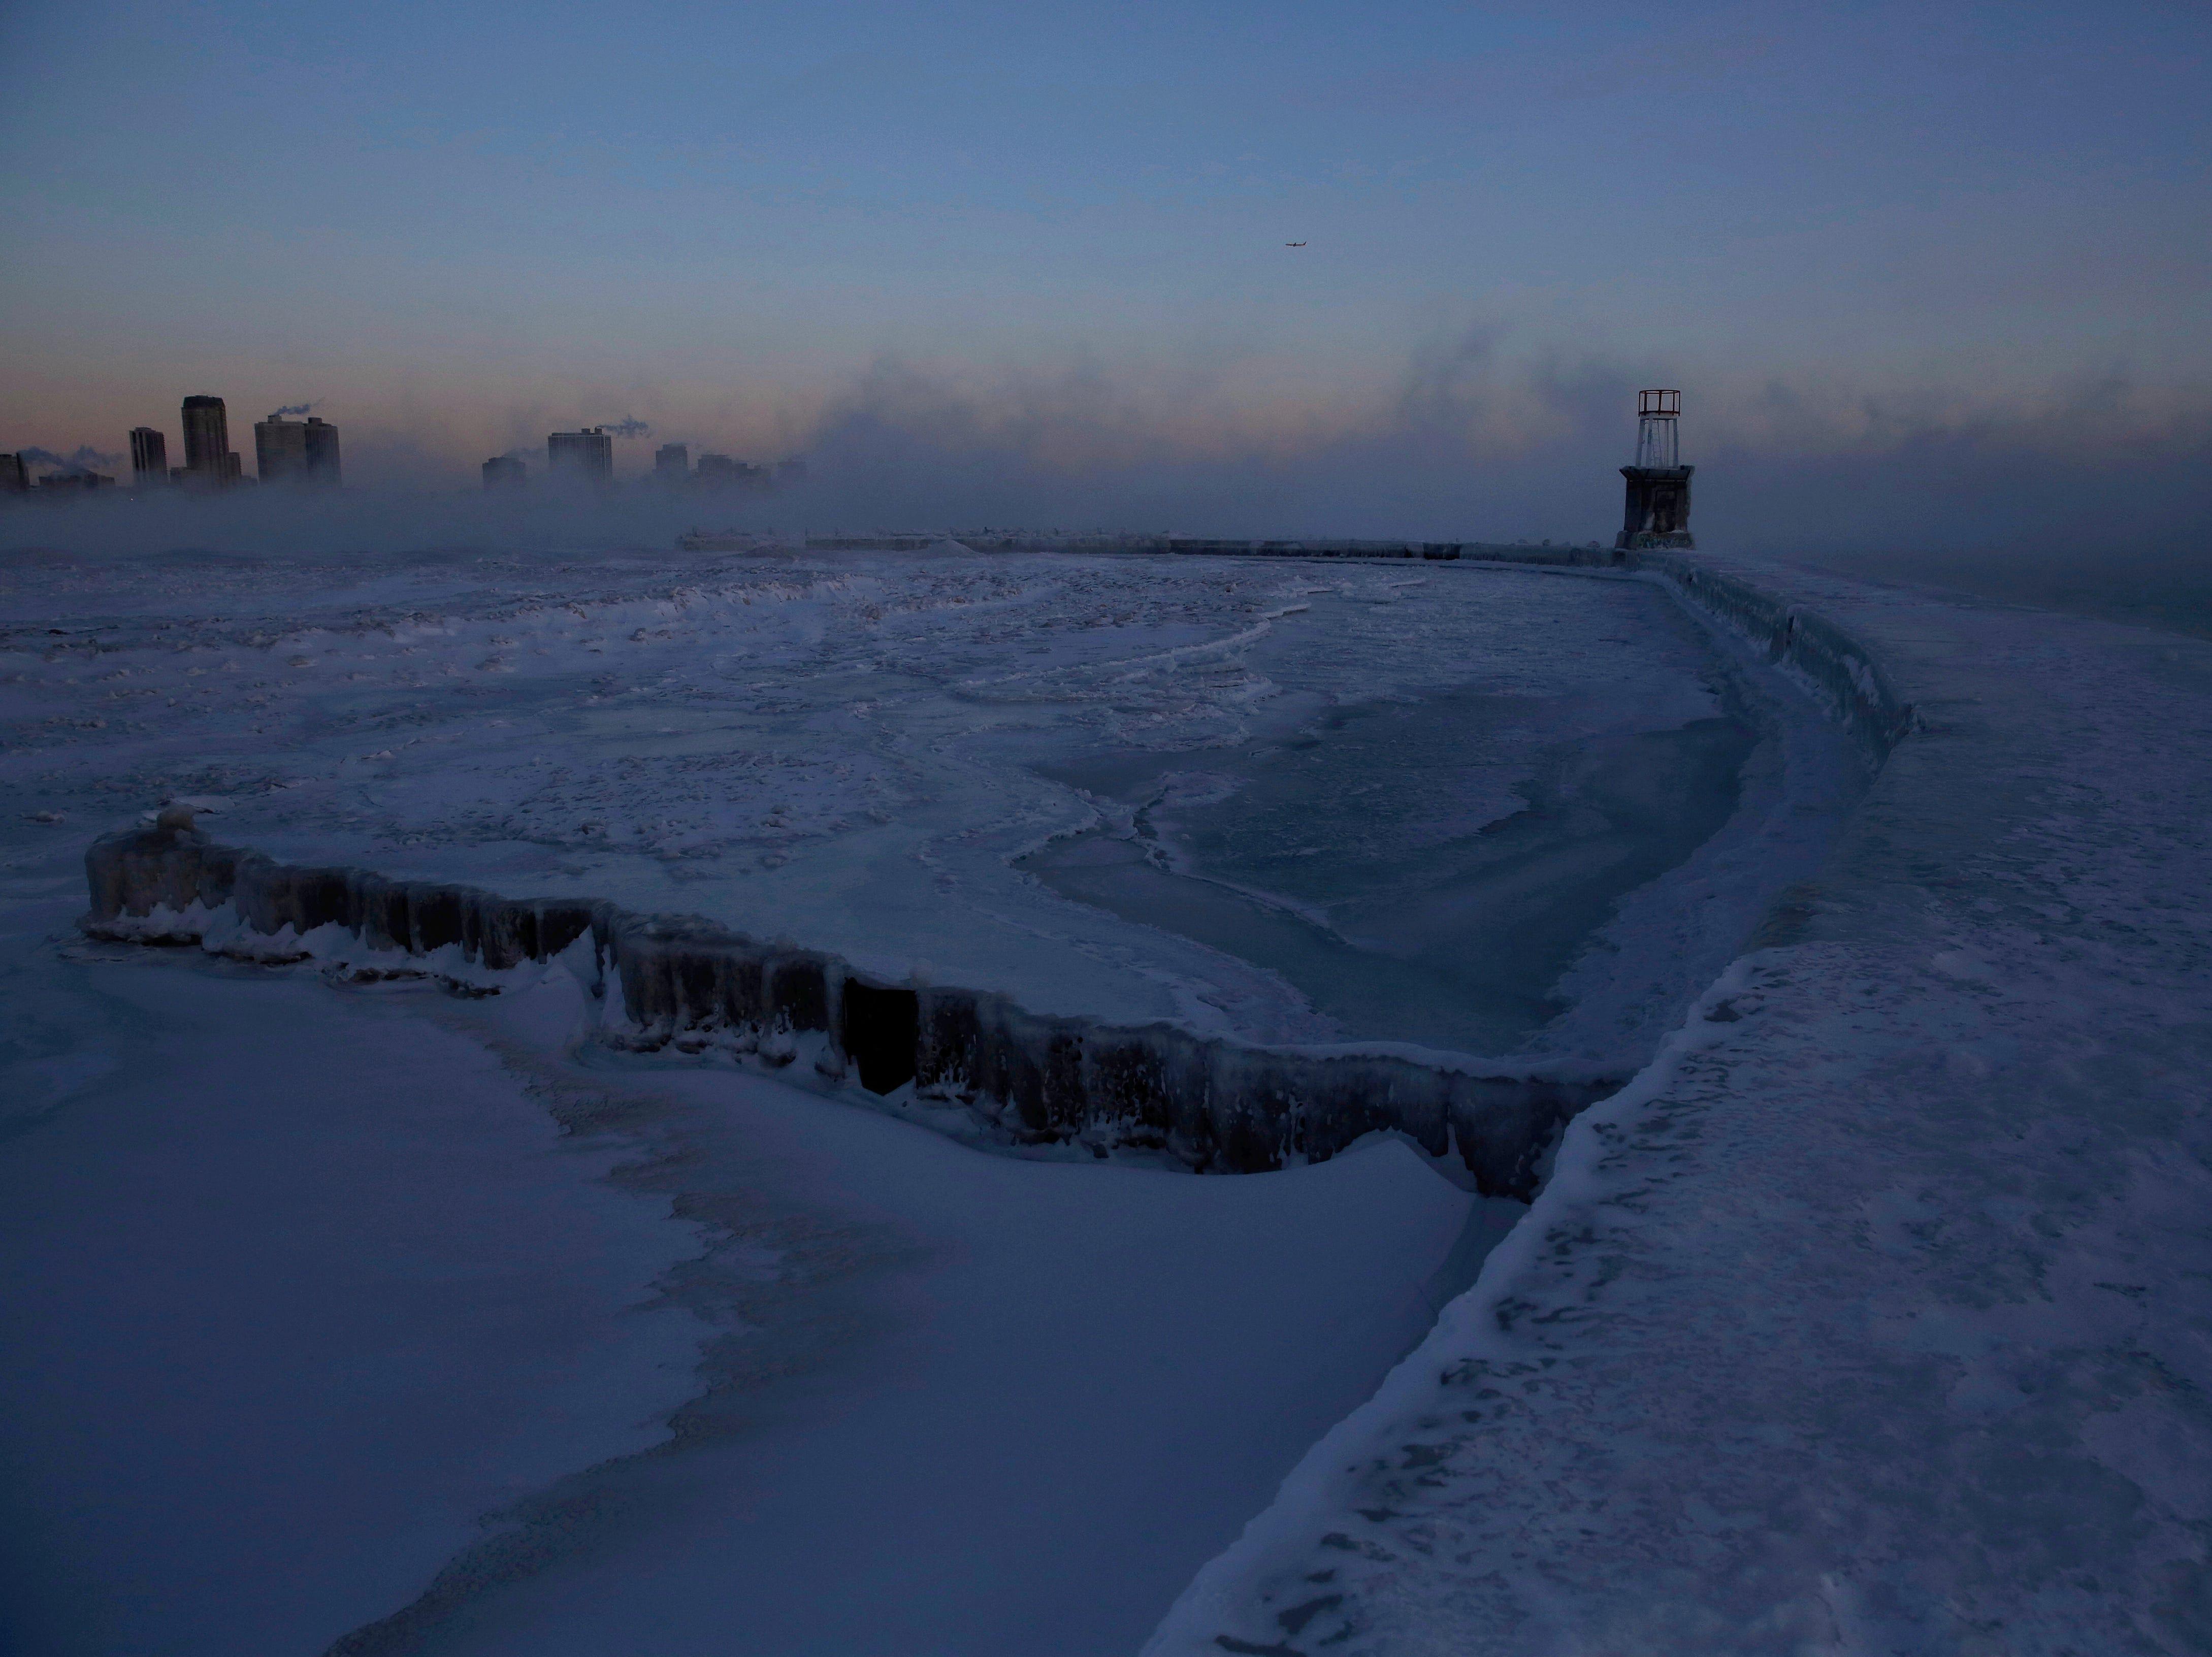 El hielo se forma a lo largo de la orilla del lago Michigan, el miércoles 30 de enero de 2019, en Chicago.